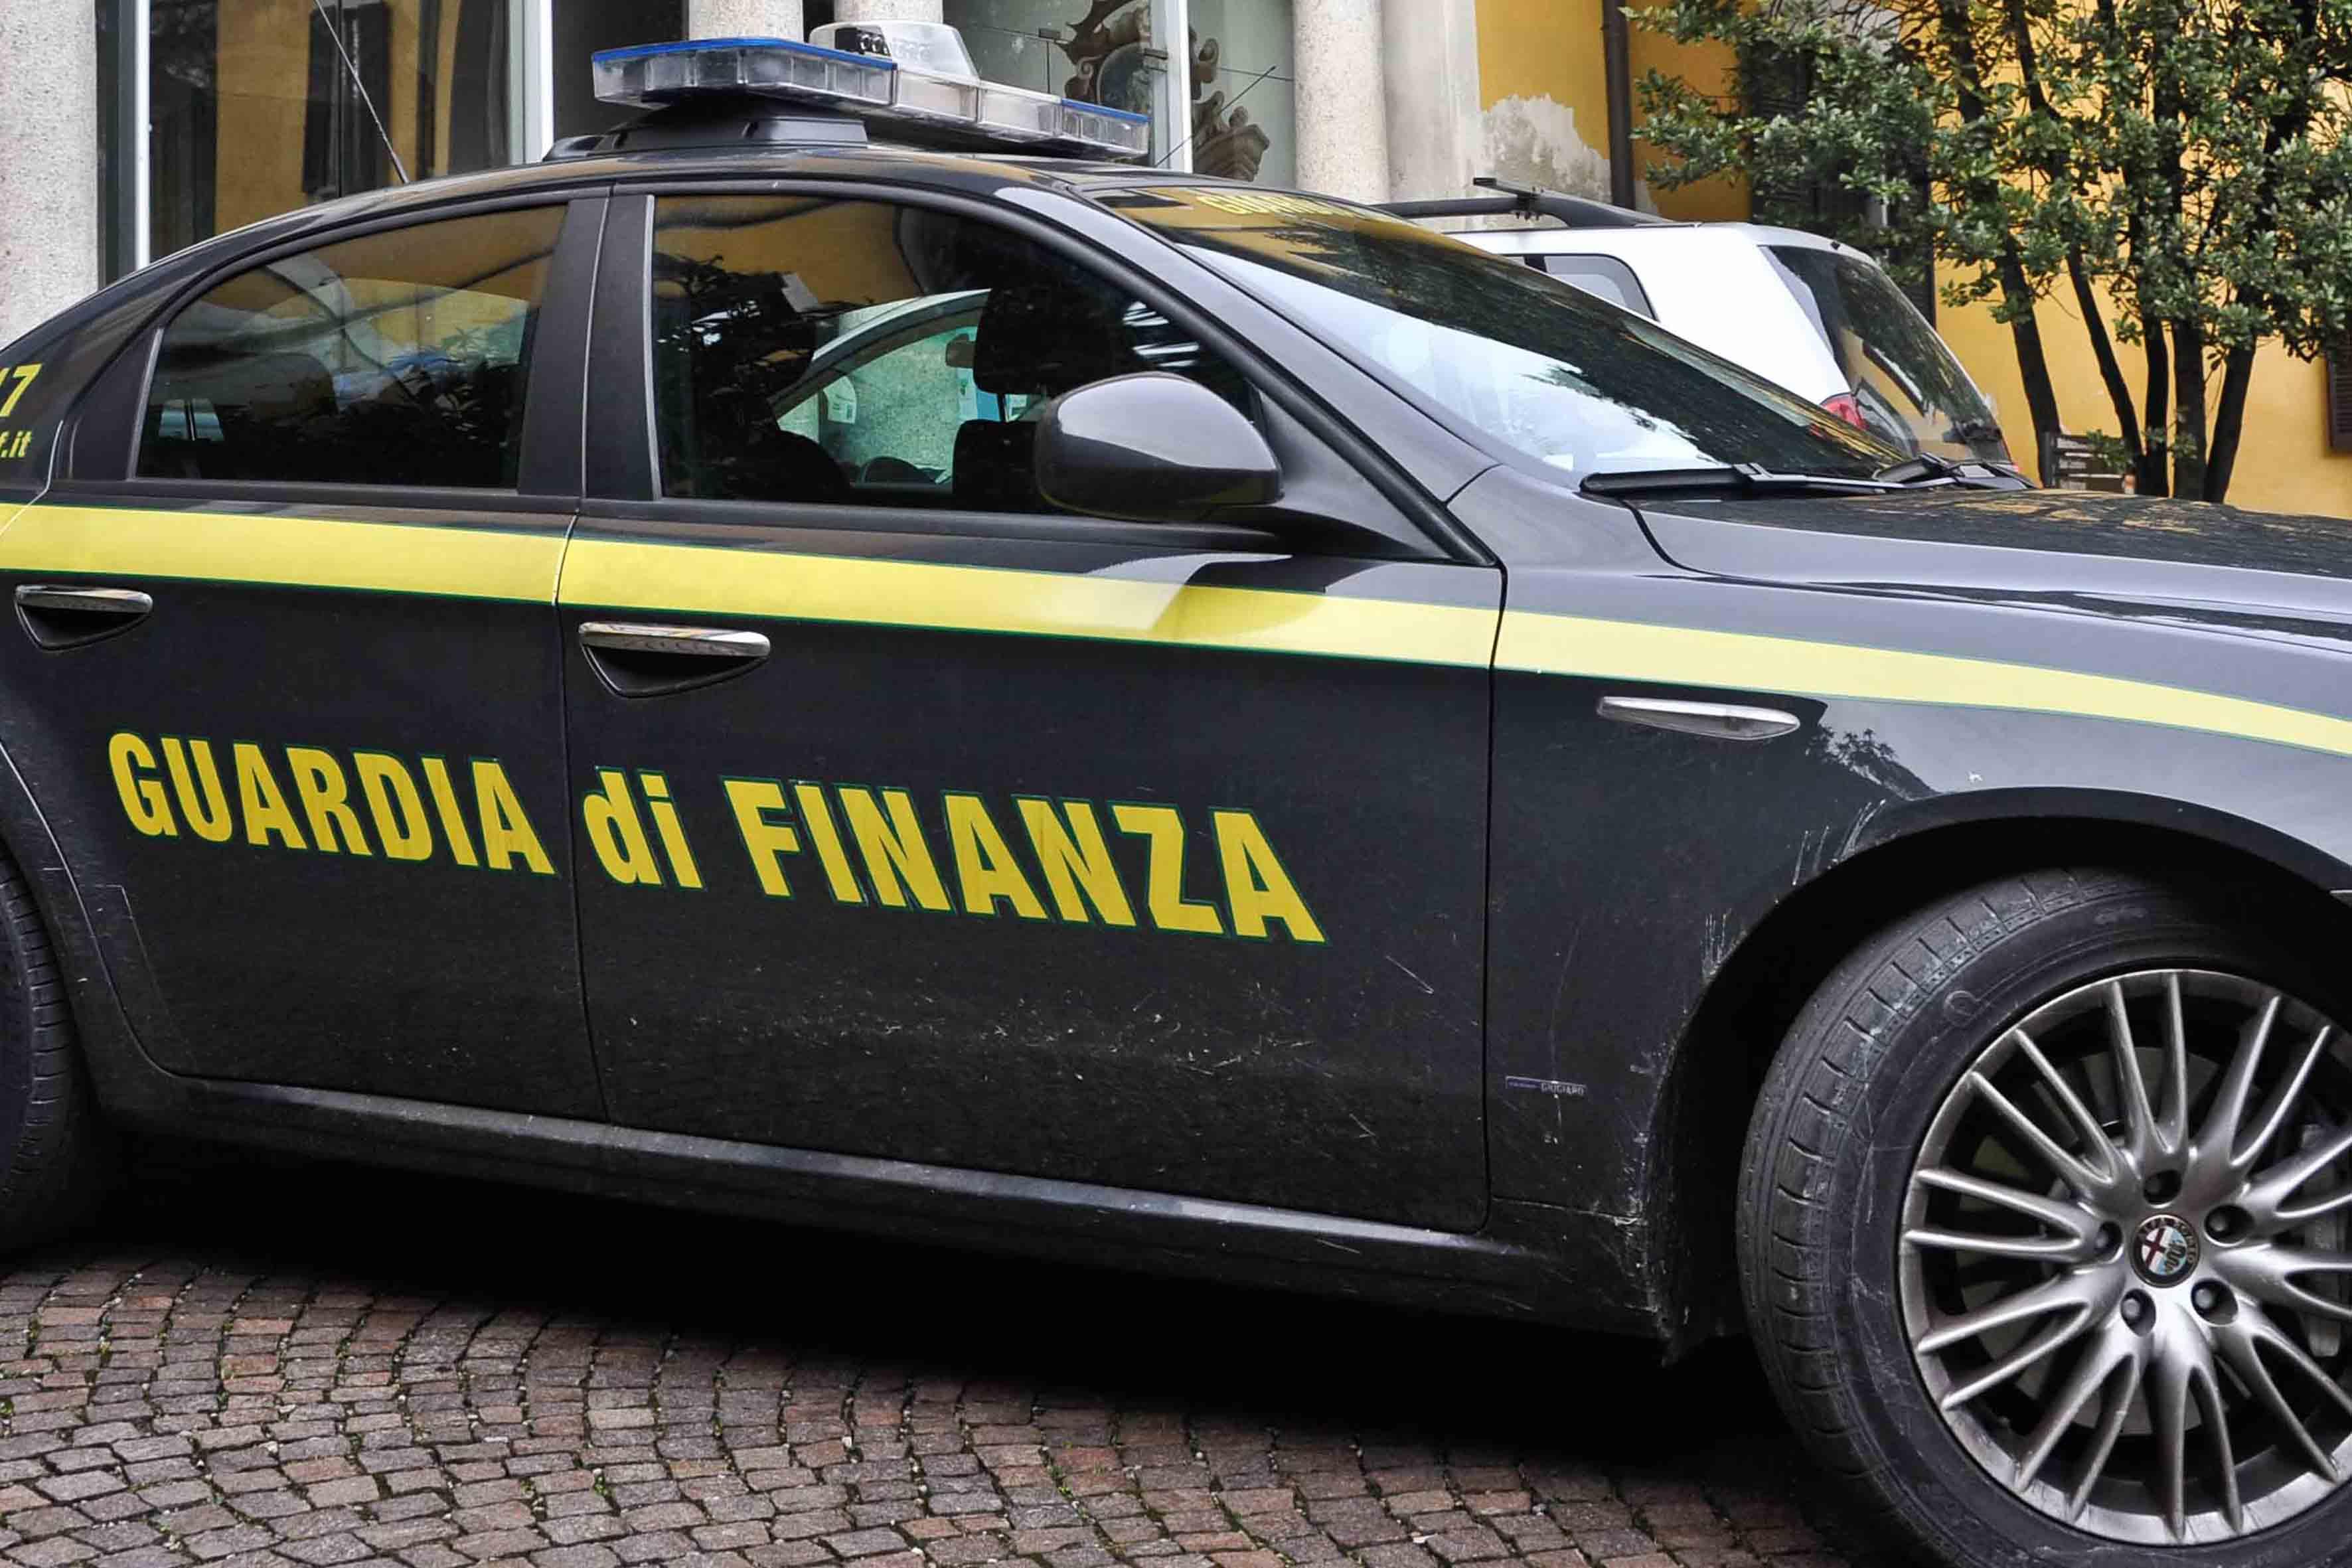 La guardia di finanza in Sicilia smaschera 218 evasori totali